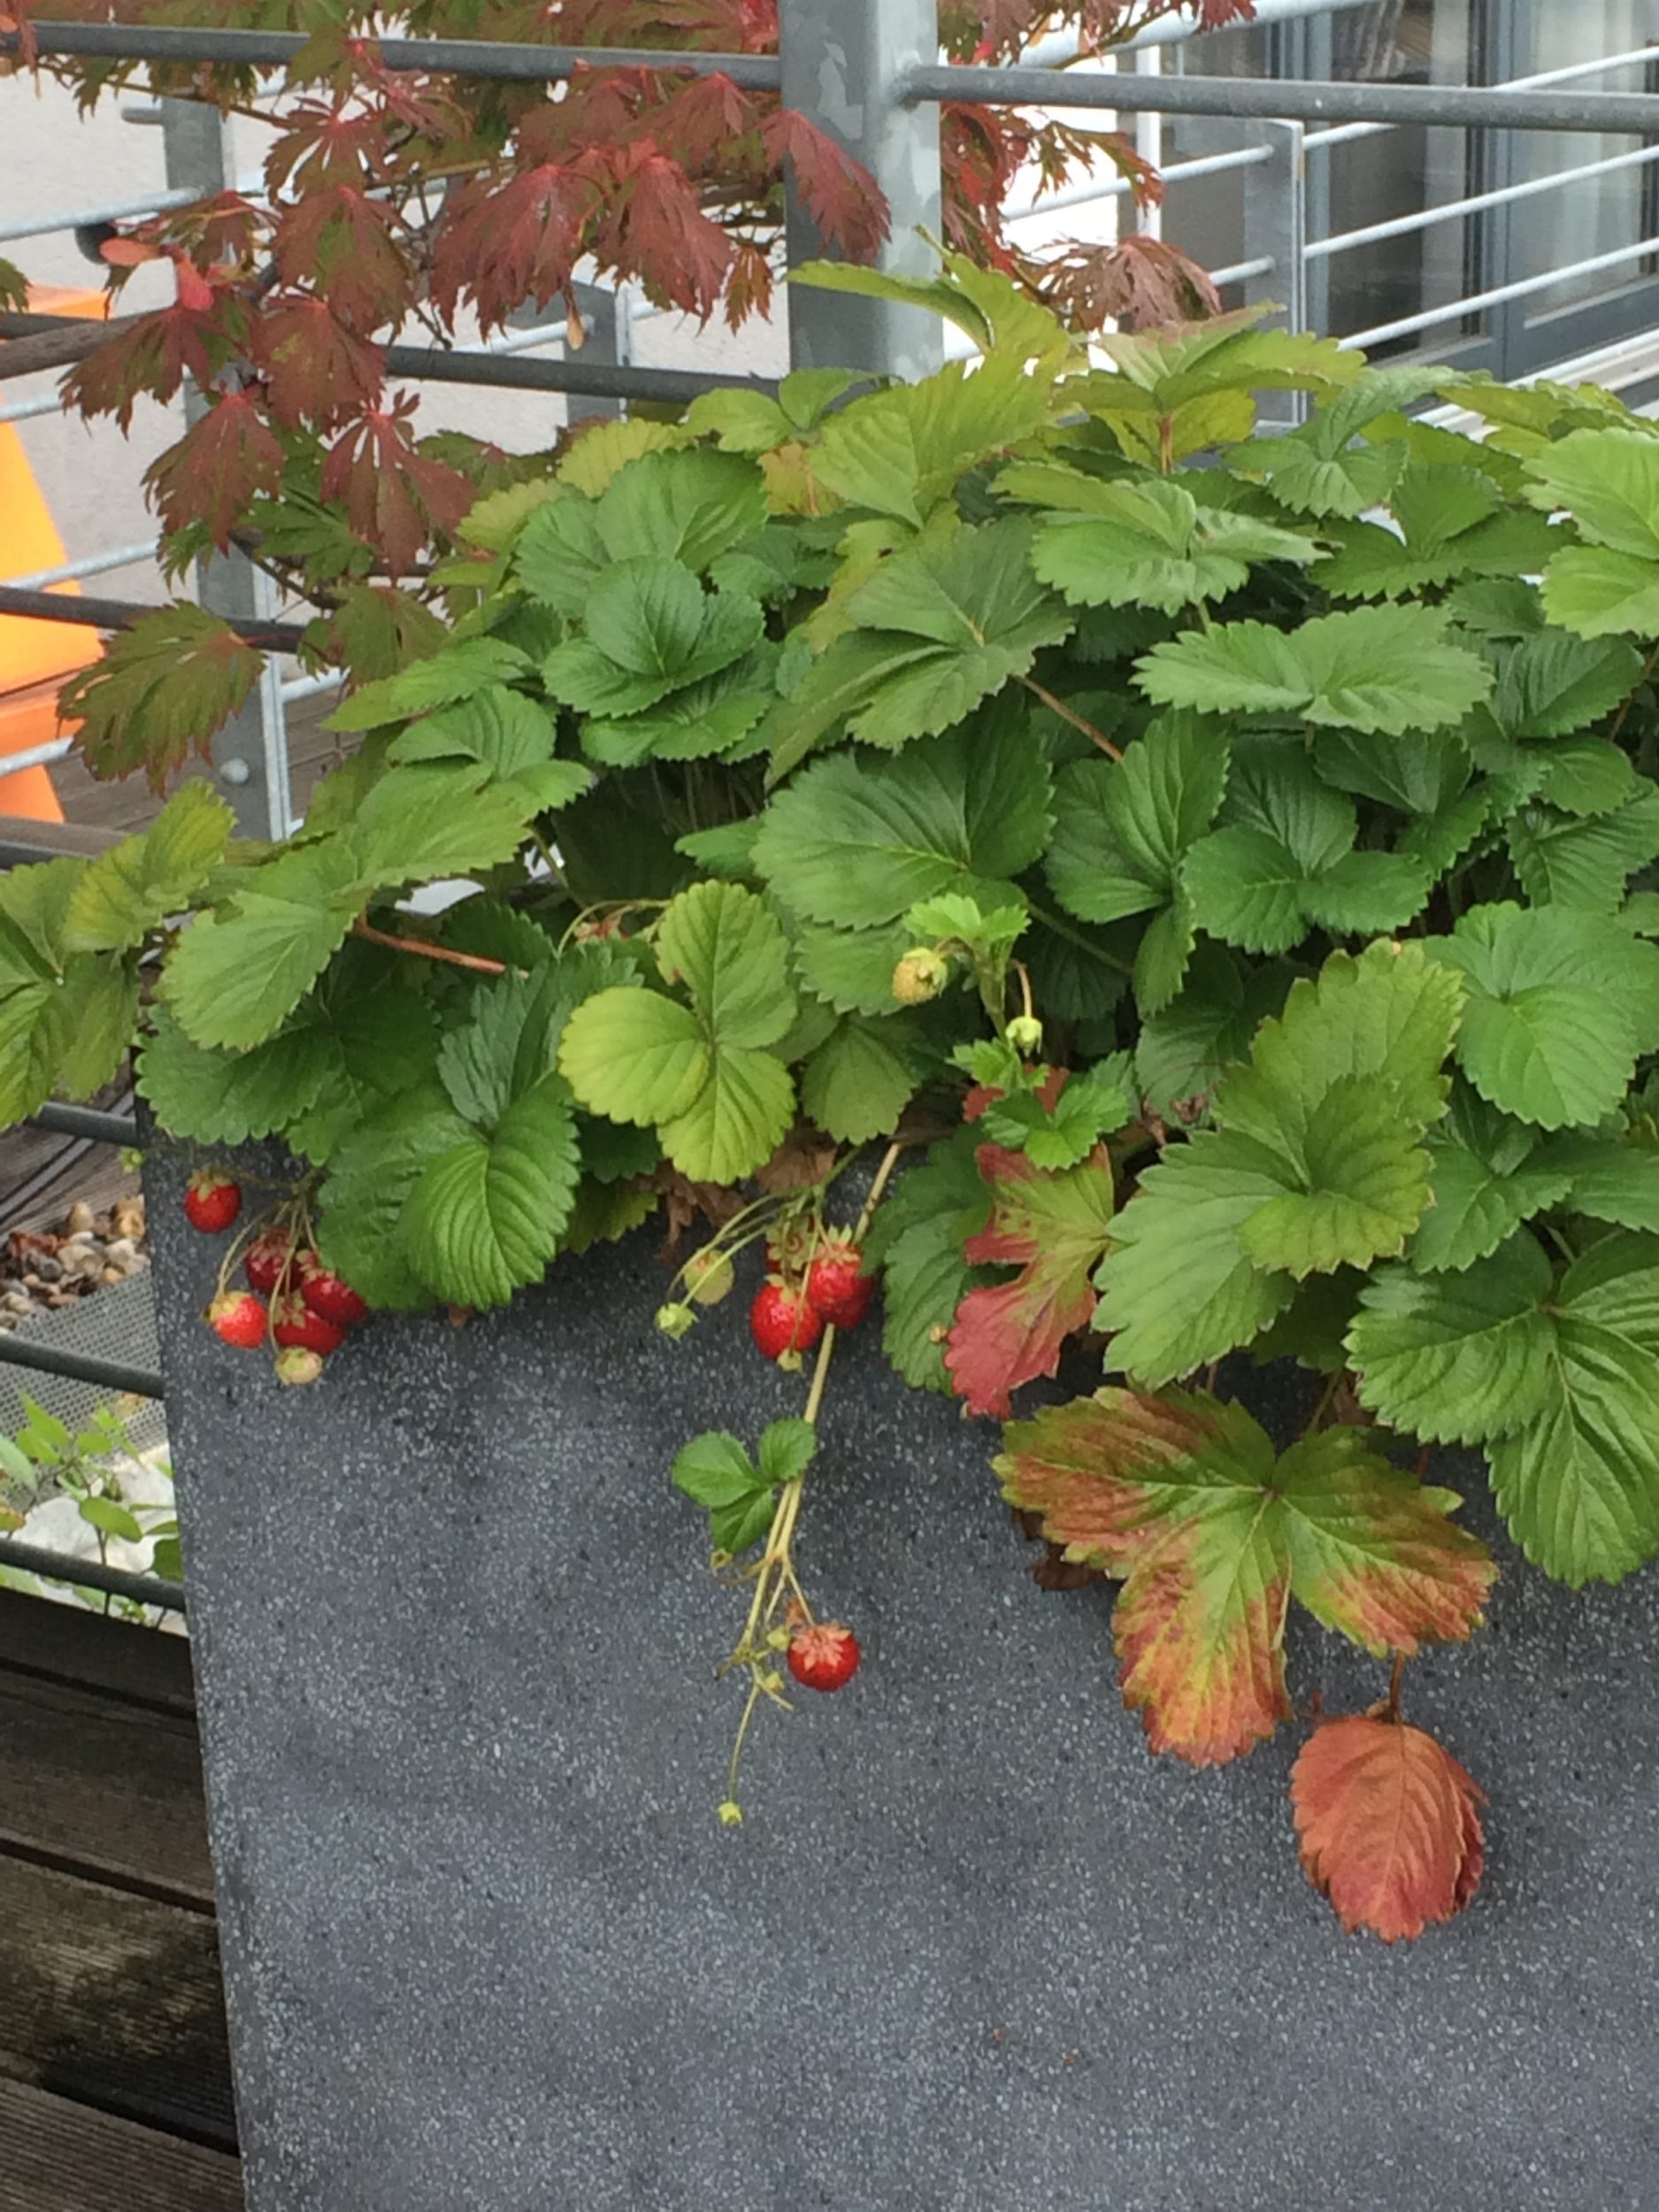 Rooftop Terrasse Bepflanzung in Berlin: Winterharte Kübelpflanzen für Terrasse und Balkon